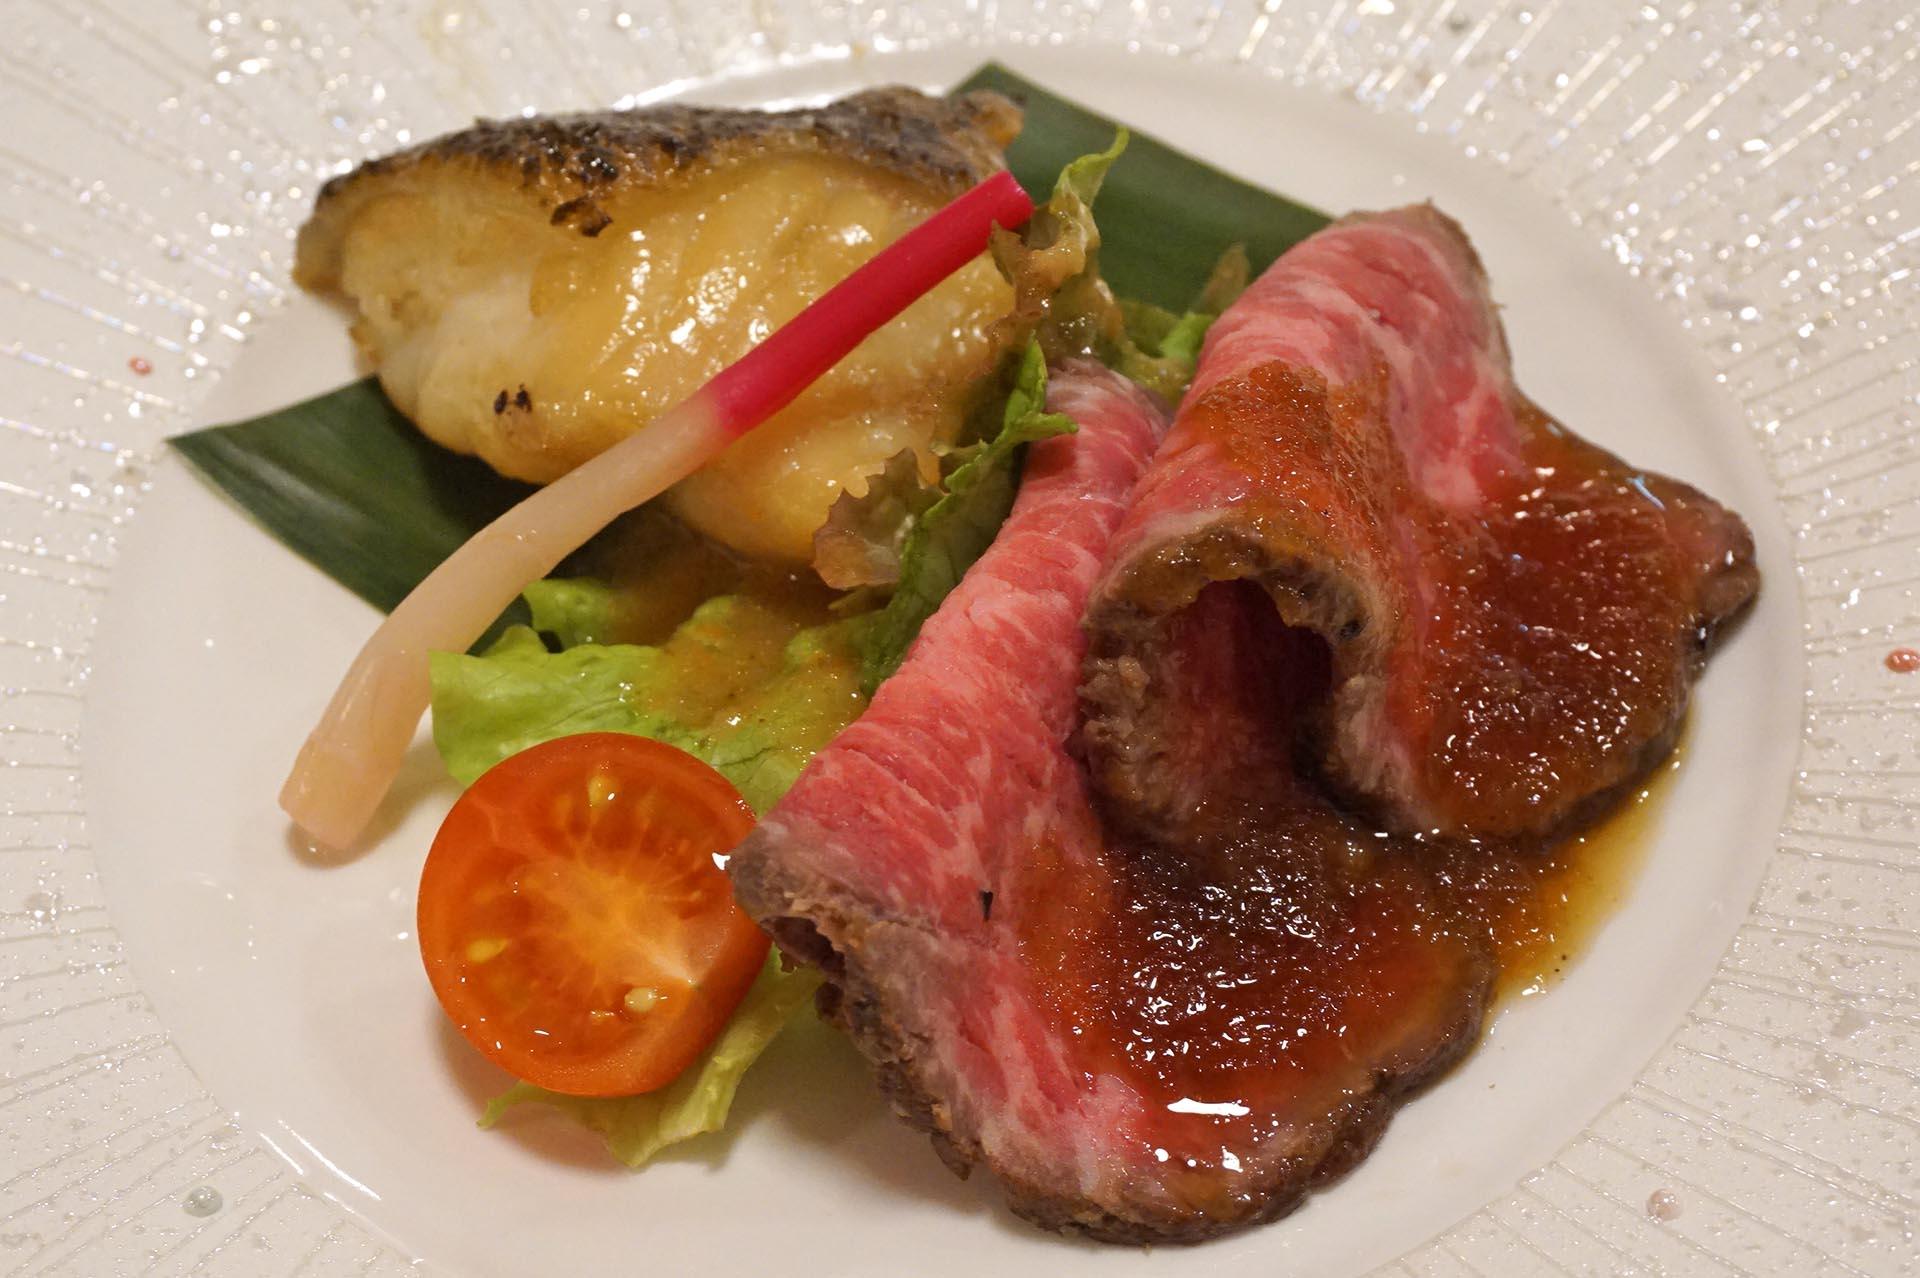 ユウベルホテル松政のローストビーフとクエの焼き魚